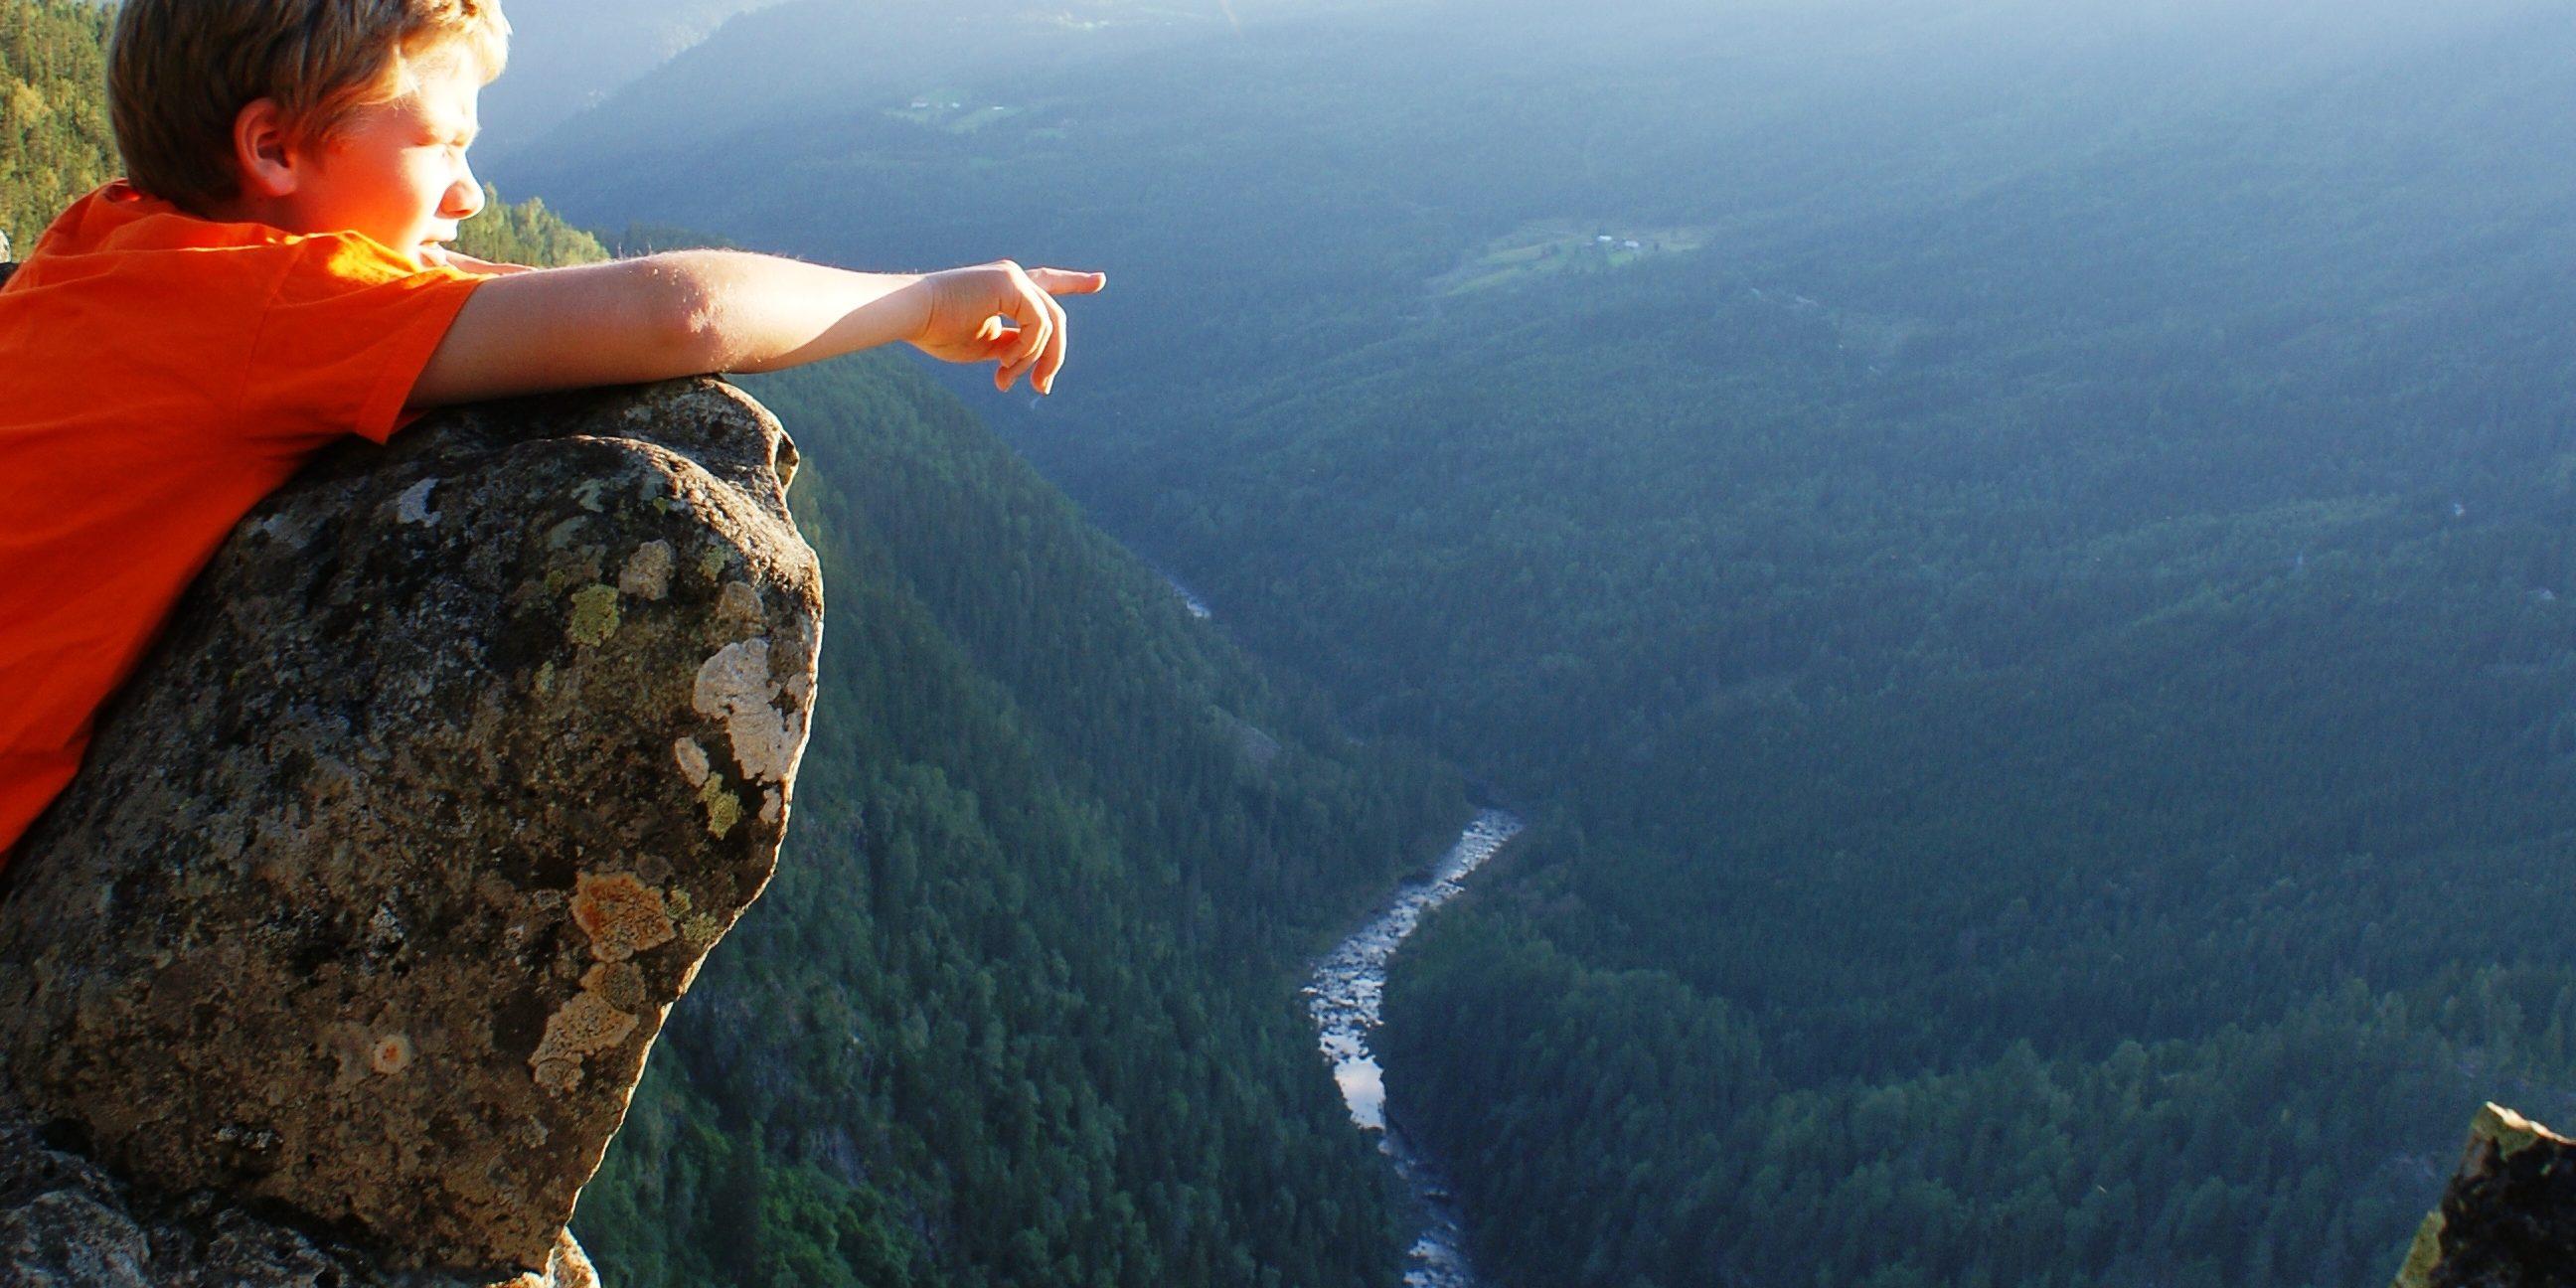 Ravnejuv er framleis ein attraksjon som bokstaveleg talt kan ta pusten frå dei som opplever den. 350 meter høgt stup med oppdrift! Foto: Kristi Skålid